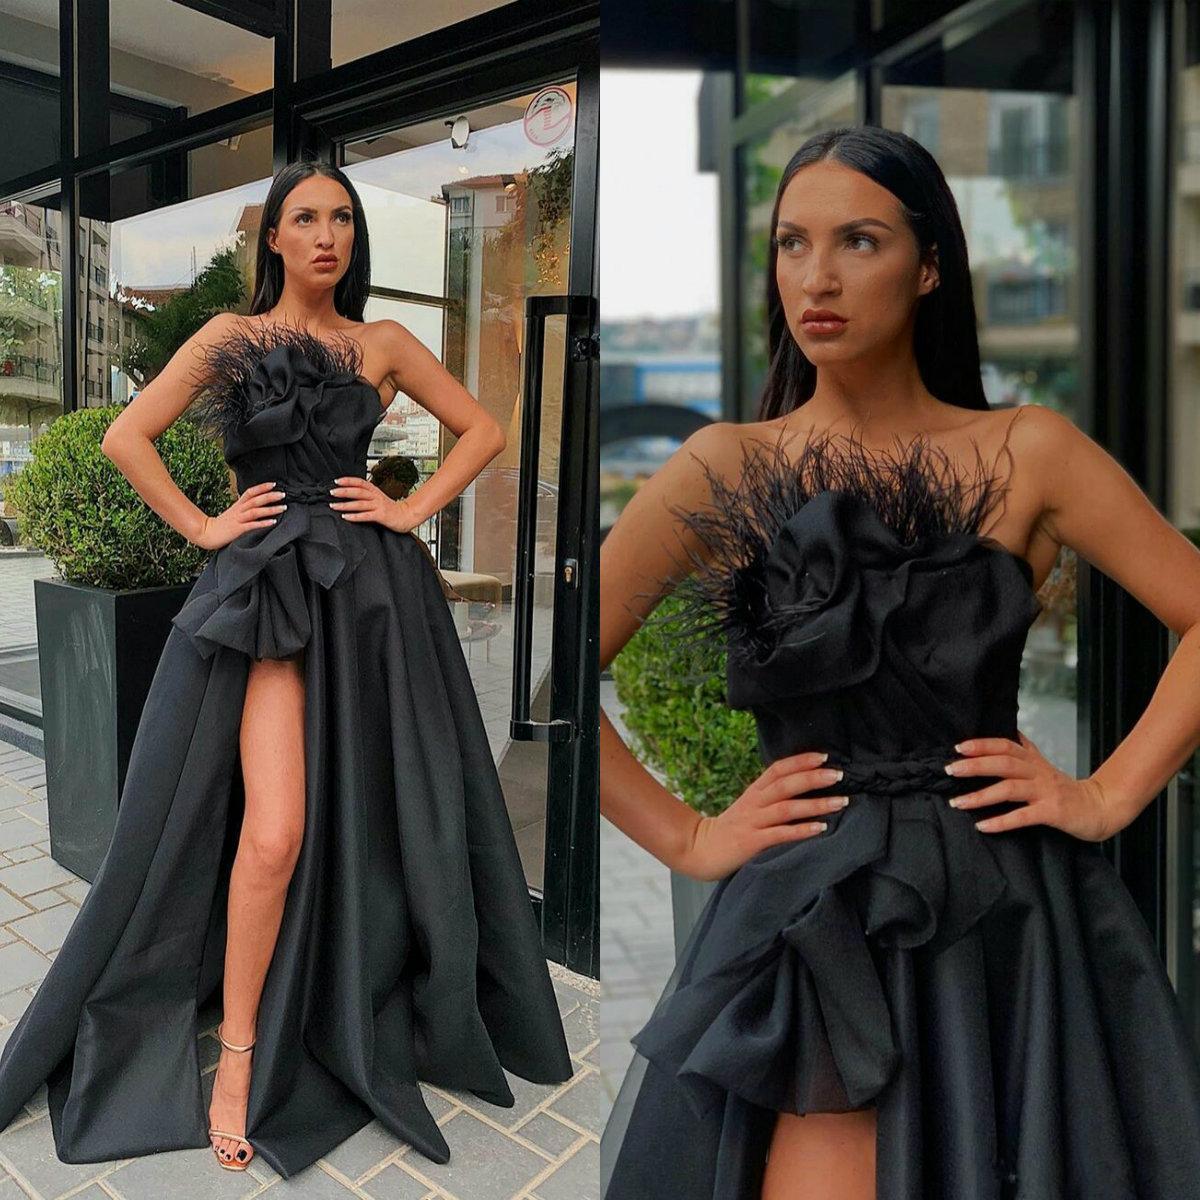 Schwarze Abendkleider 12 trägerlose Satin-Feder-A Line Hoch Split  Abendkleid nach Maß Sweep Zug-formale Partei-Kleid-Cocktailkleid